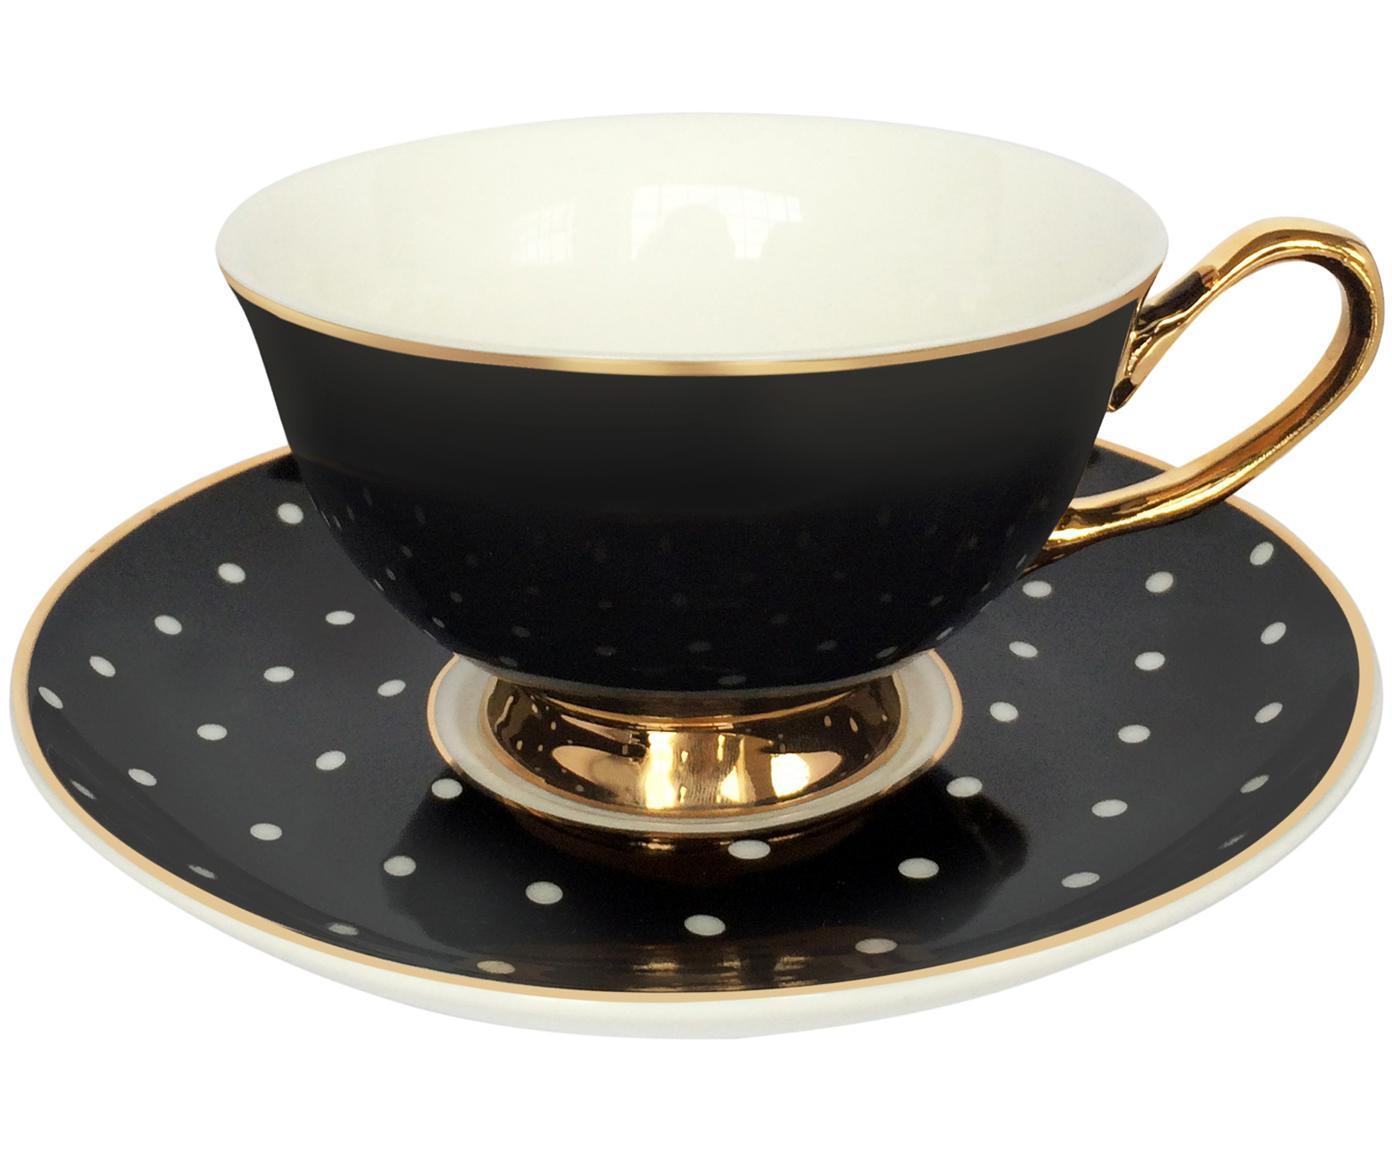 Teetasse mit Untertasse Spotty mit Goldelementen und Punkten, Bone China, vergoldet, Schwarz, Weiss<br>Rand und Henkel: Gold, Ø 15 x H 6 cm